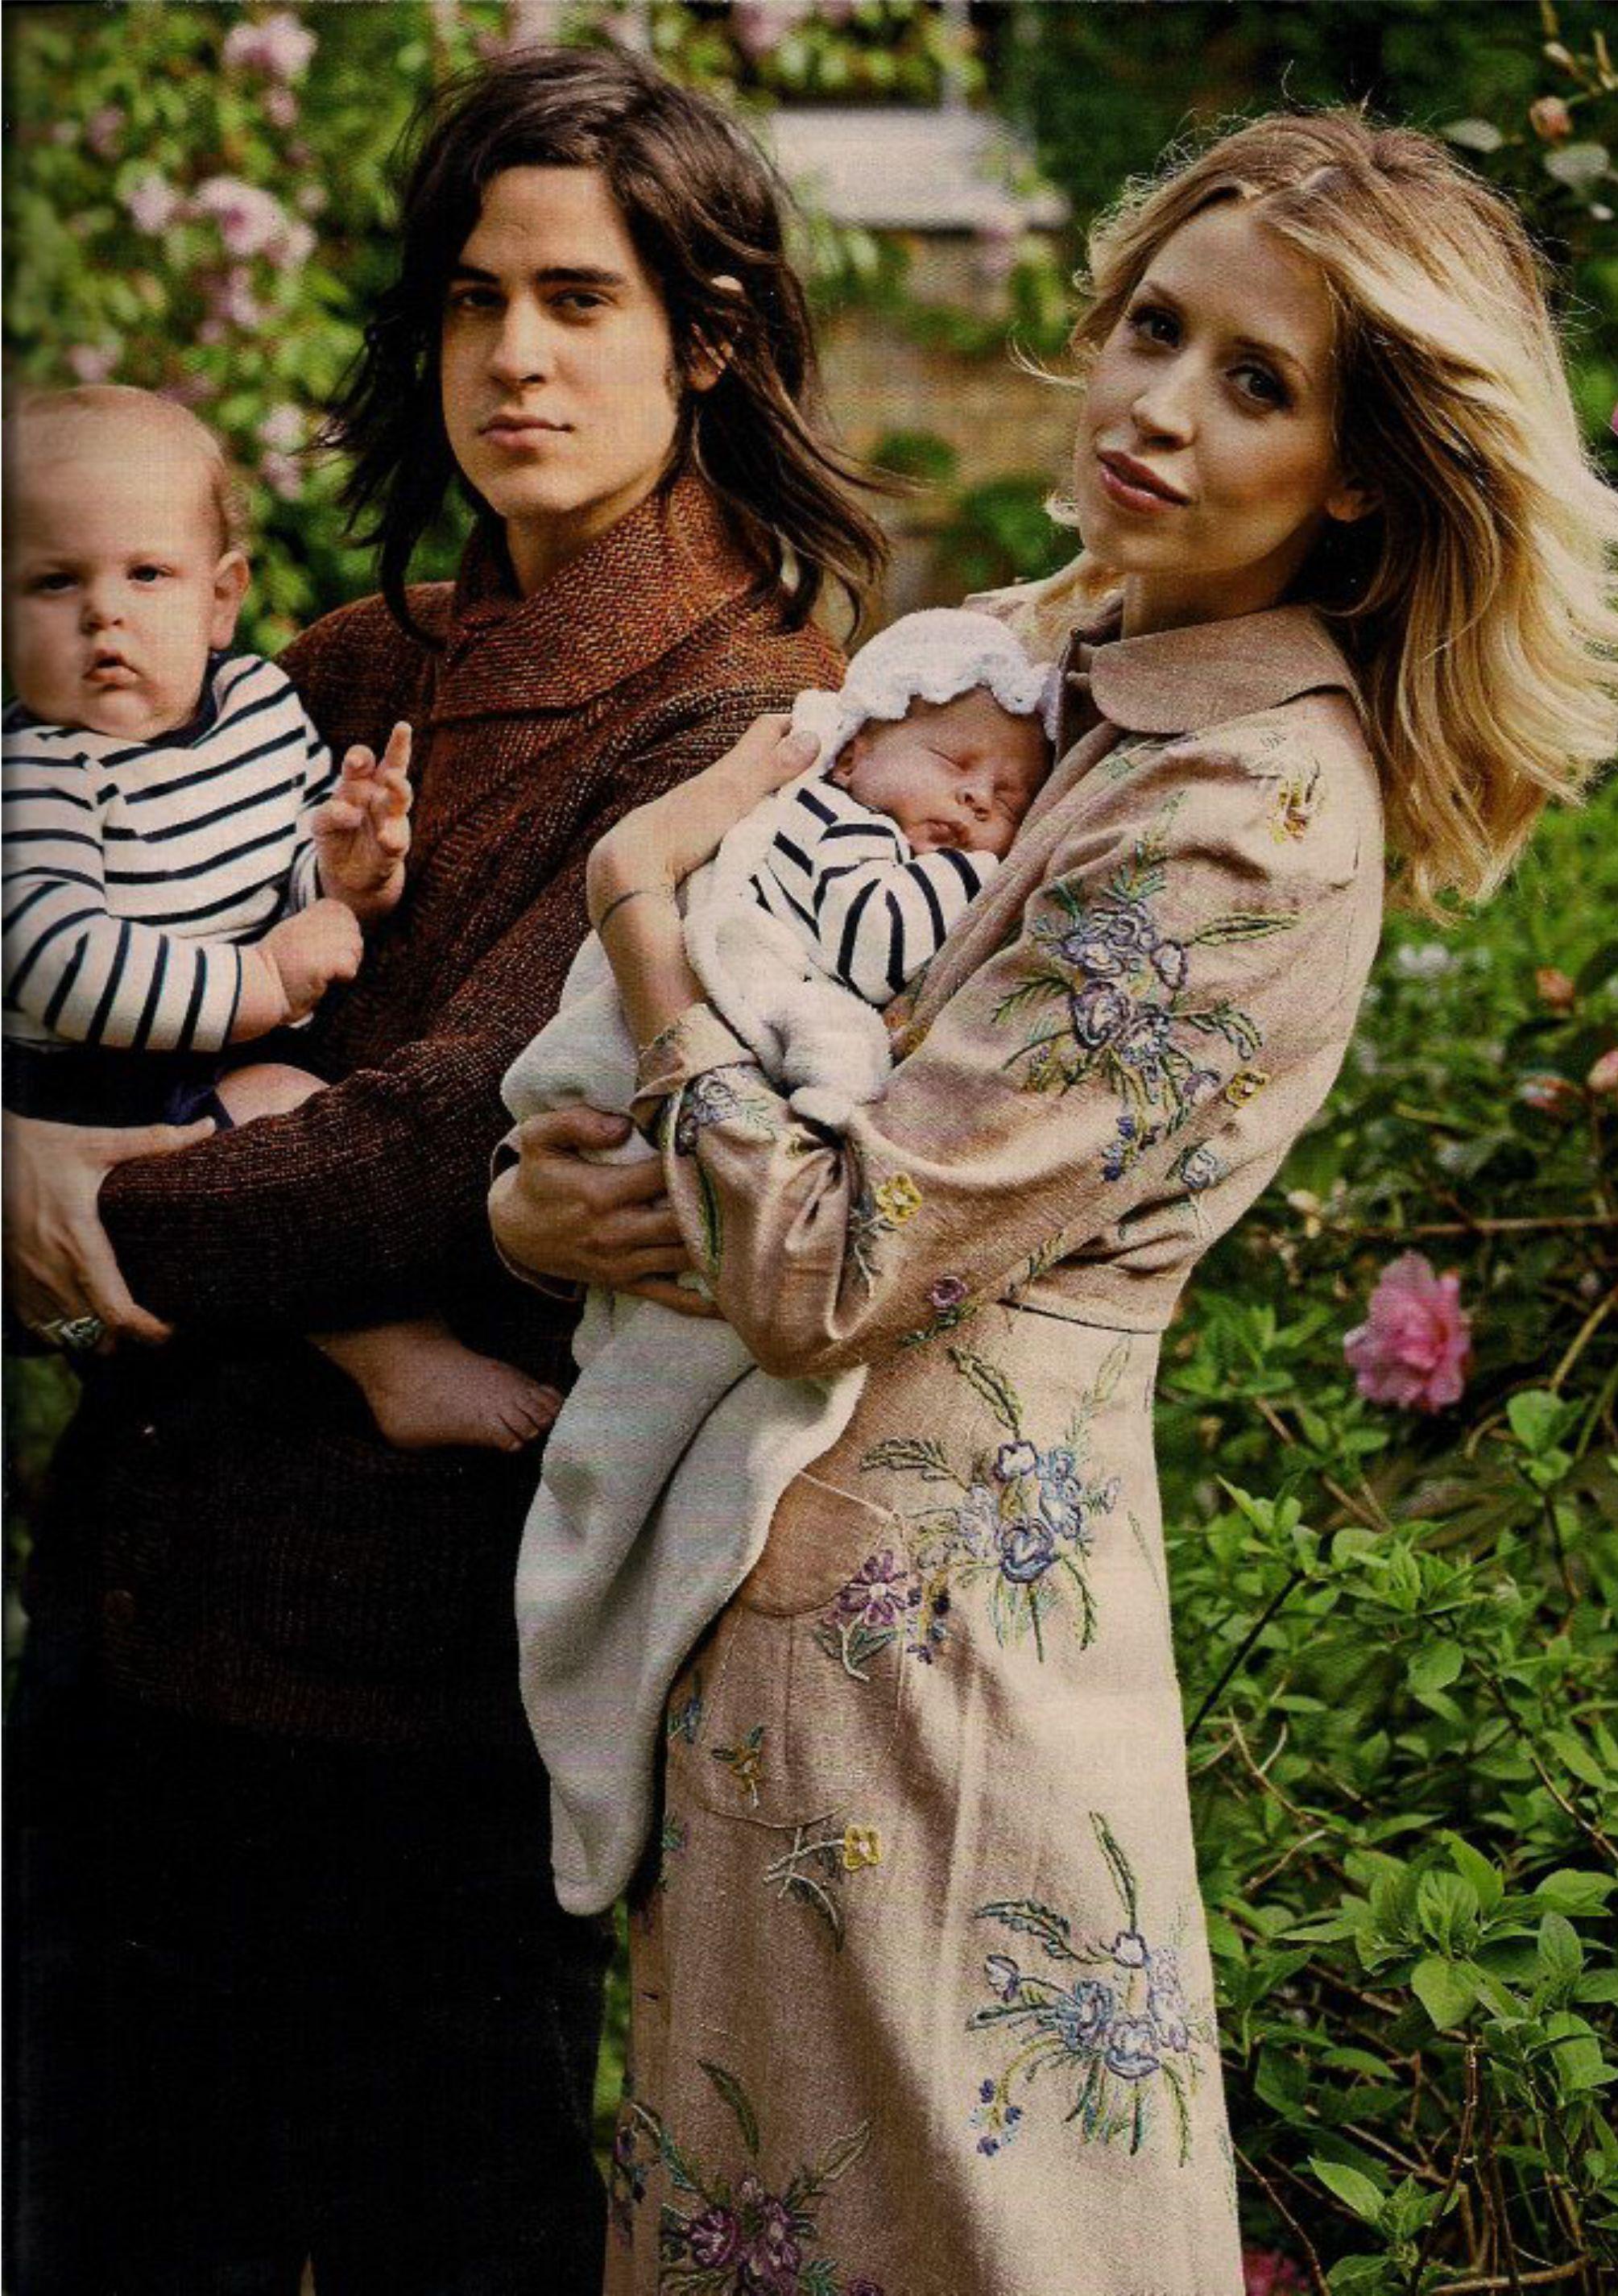 Peaches geldof wedding dress  Peaches Geldof in Hello Magazine  Merchant Archive  Peaches Geldof